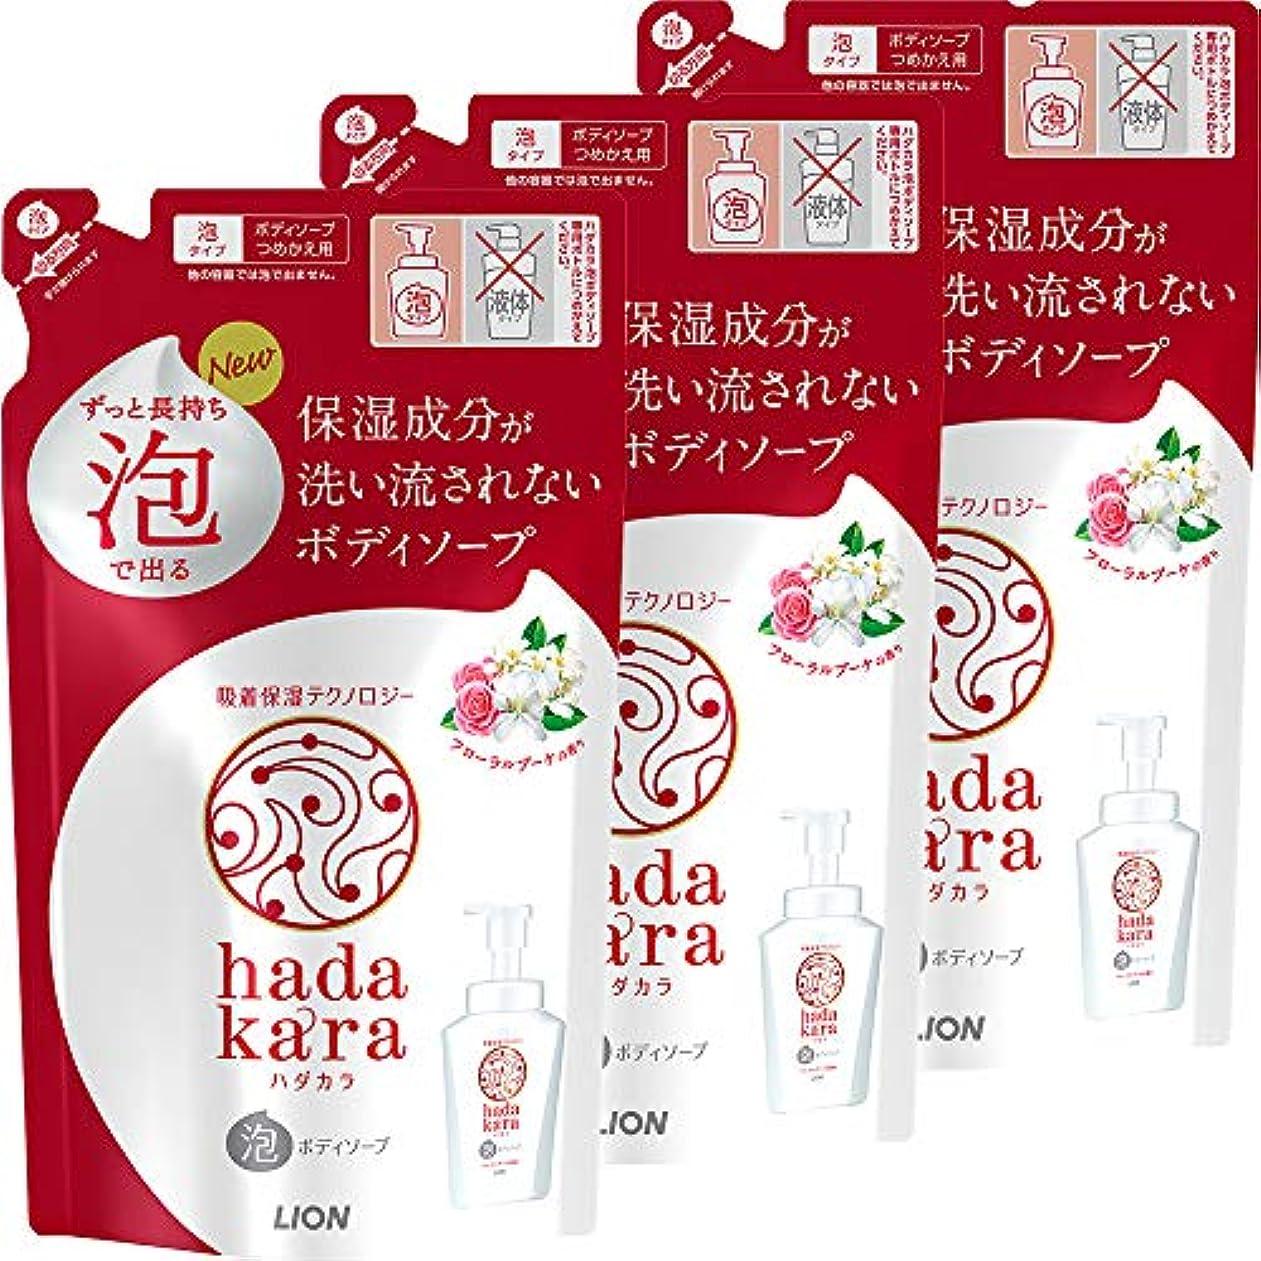 学校の先生レポートを書く麻痺hadakara(ハダカラ) ボディソープ 泡タイプ フローラルブーケの香り 詰替440ml×3個